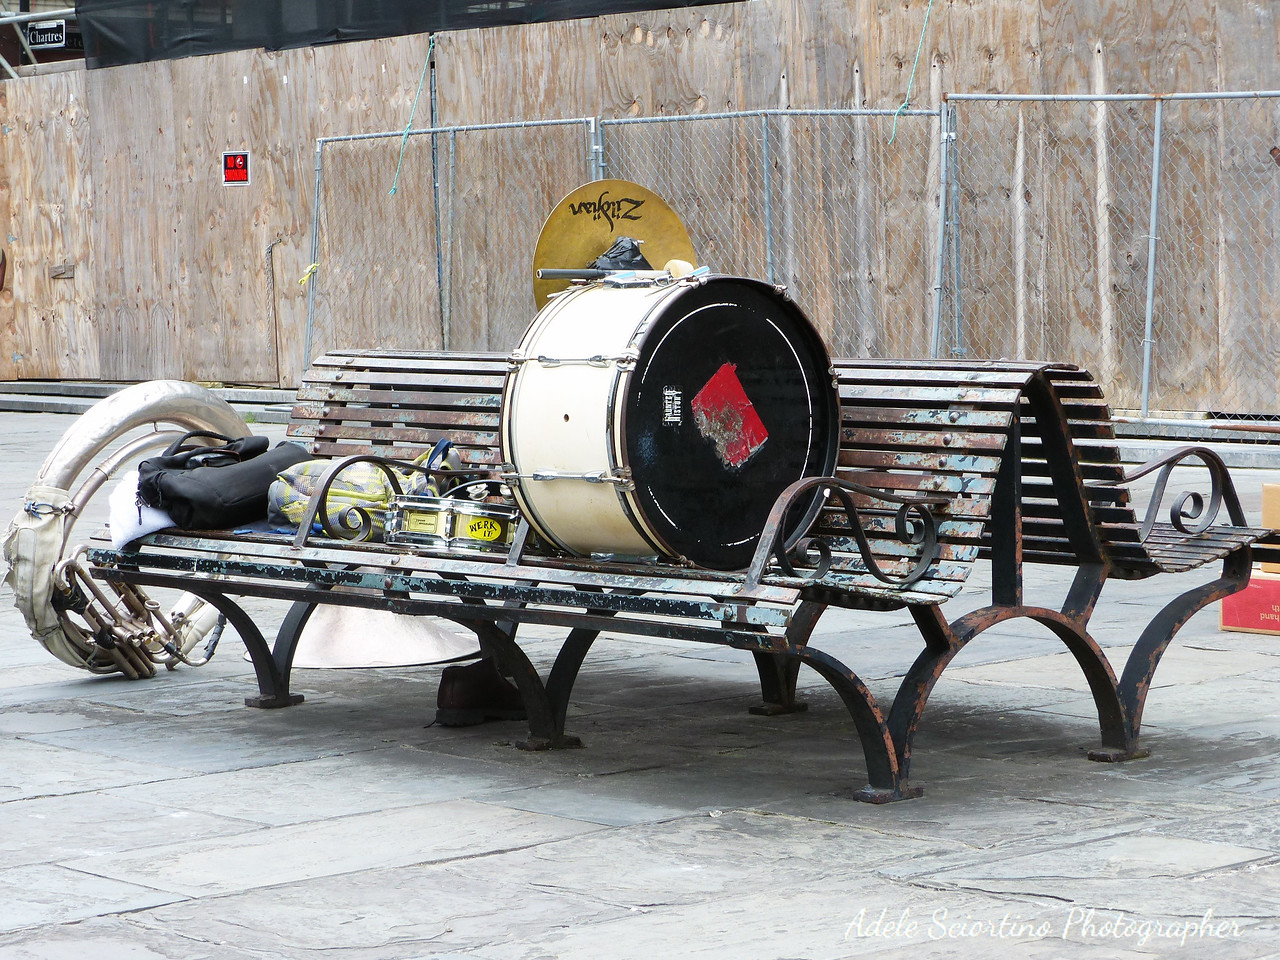 Street Performers On Break